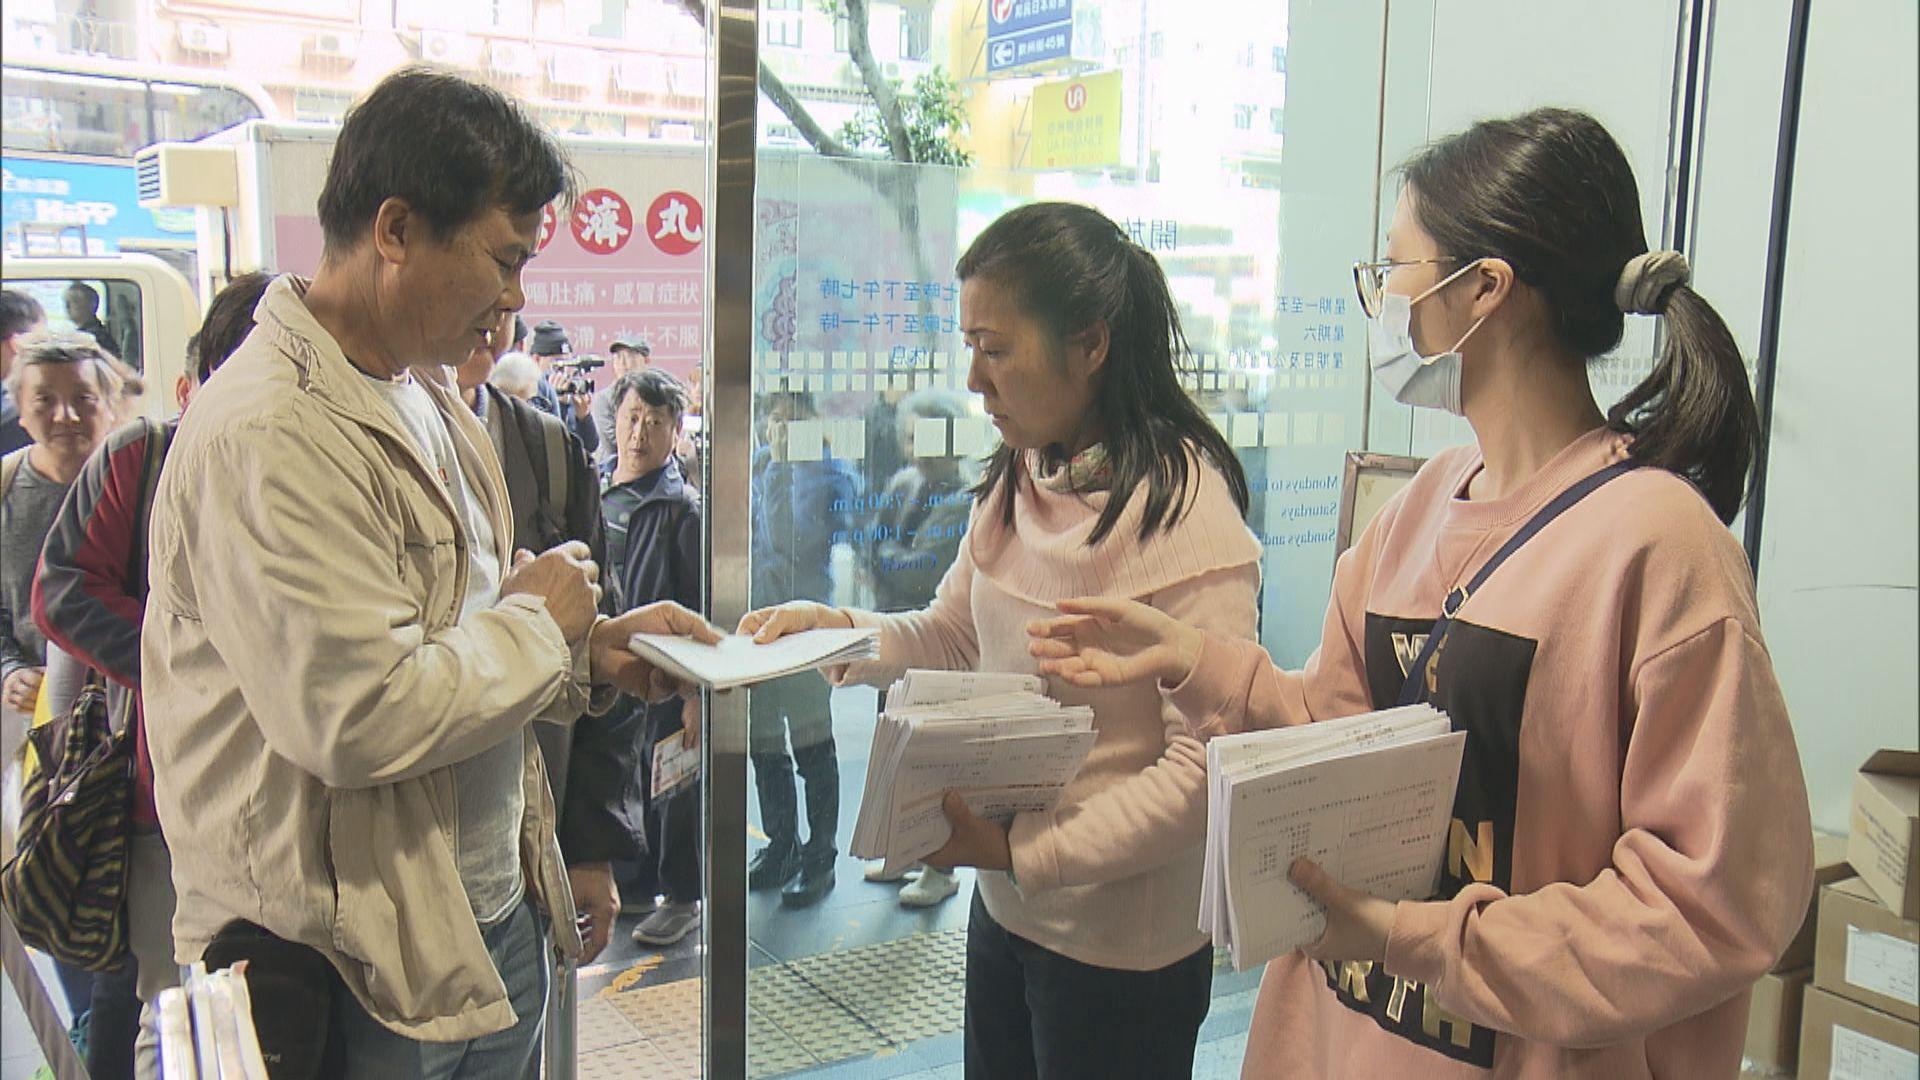 政府:申請派發四千元毋須提交住址證明